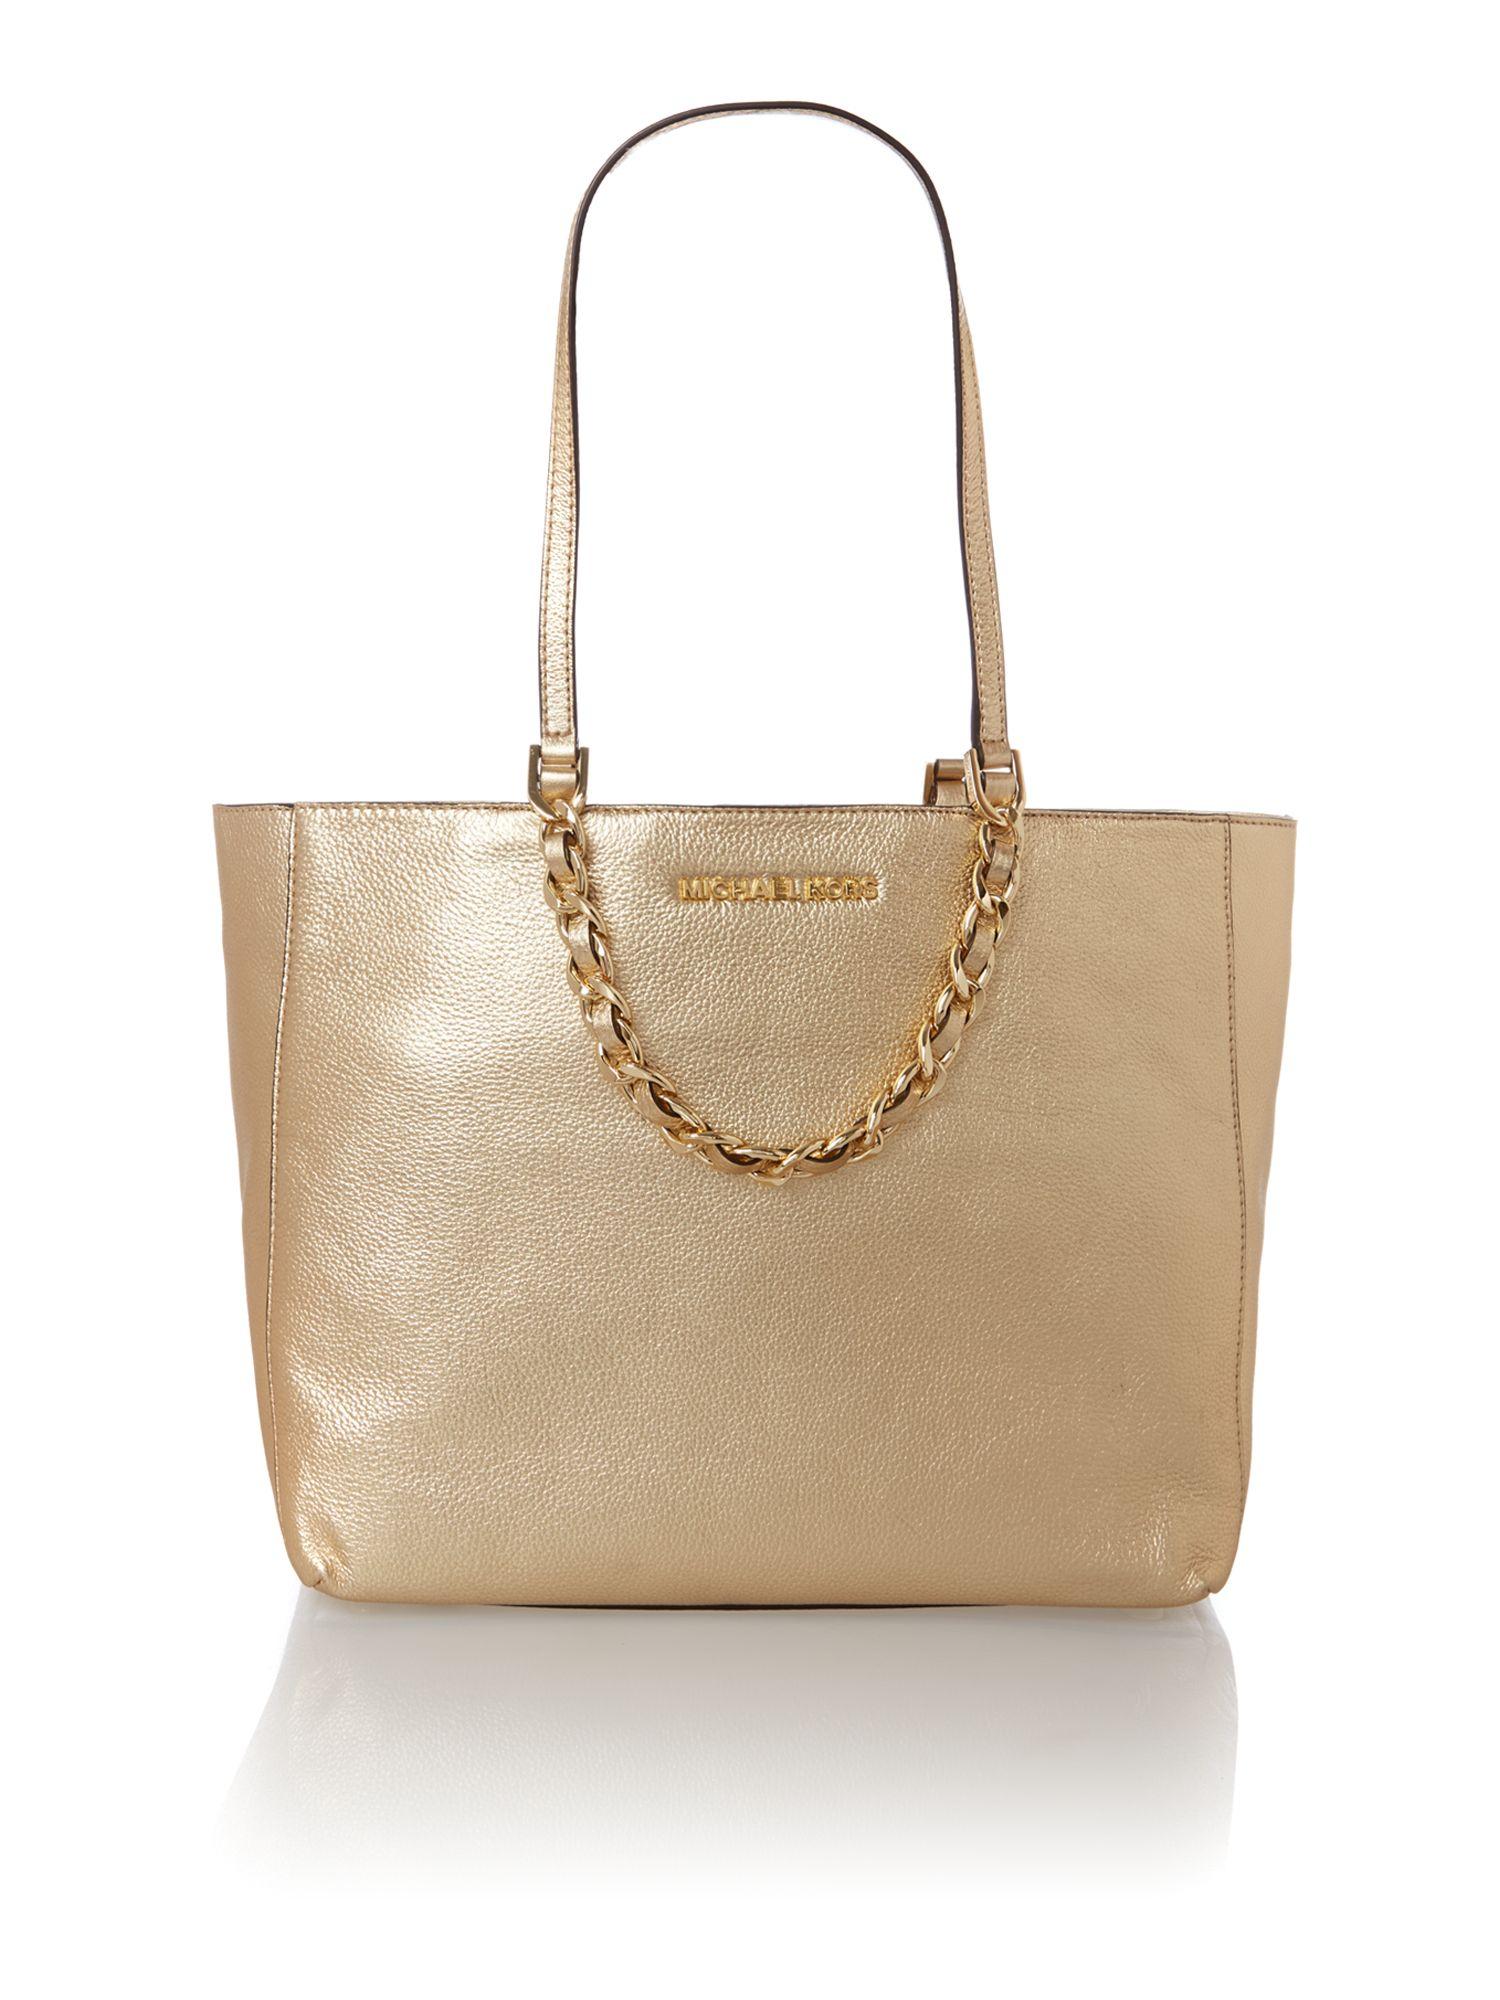 Michael kors Harper Gold Tote Bag in Metallic | Lyst